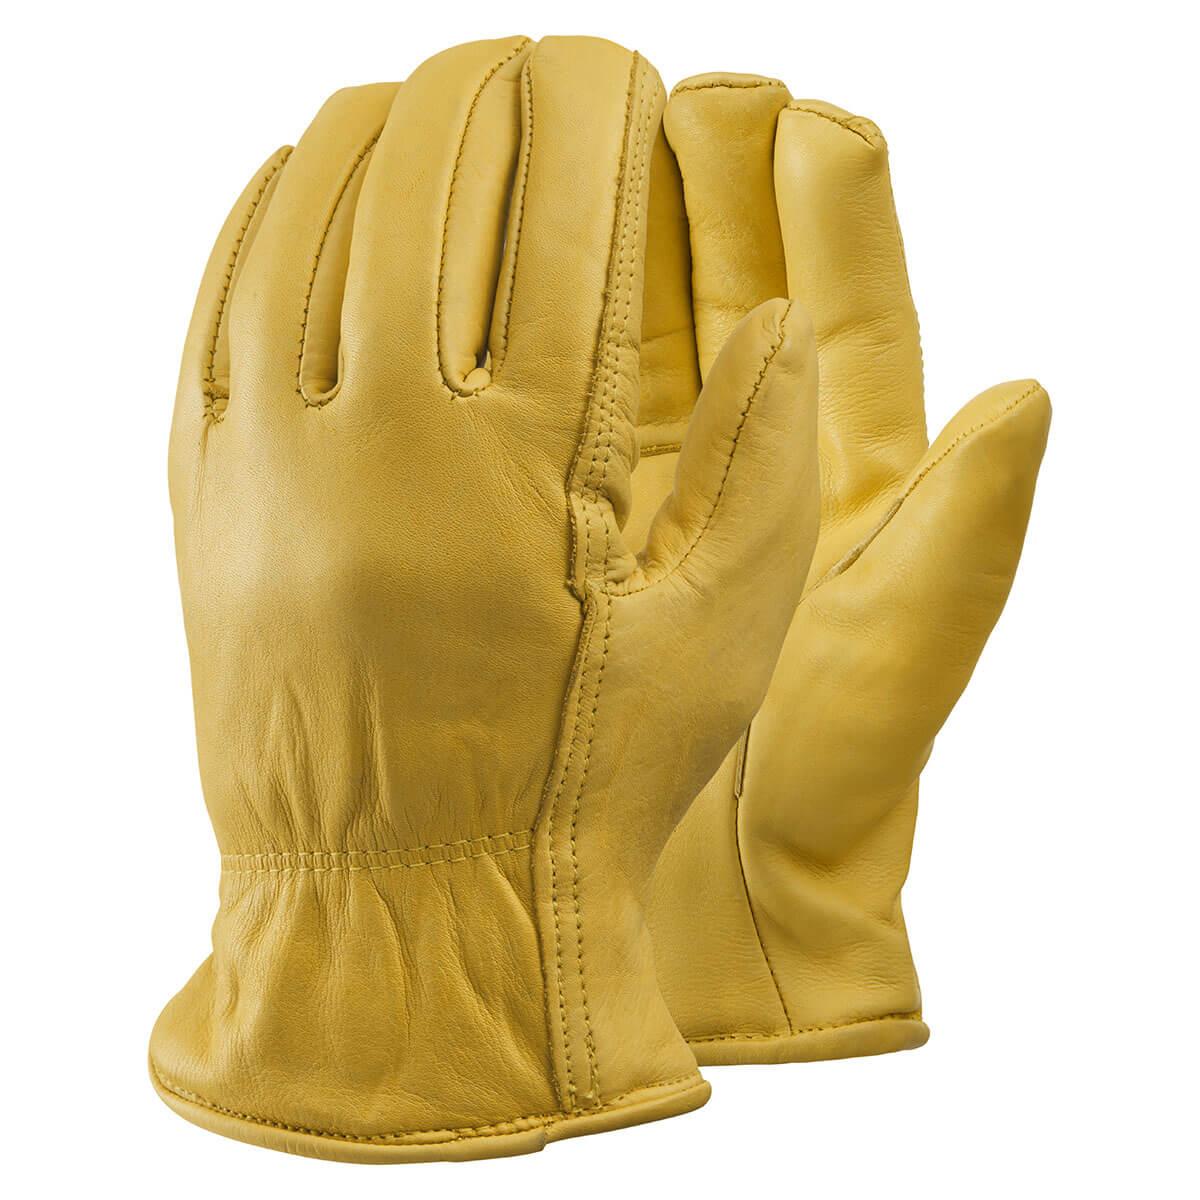 Fleece Lined Drivers Gloves For Cold Weather Hazchem